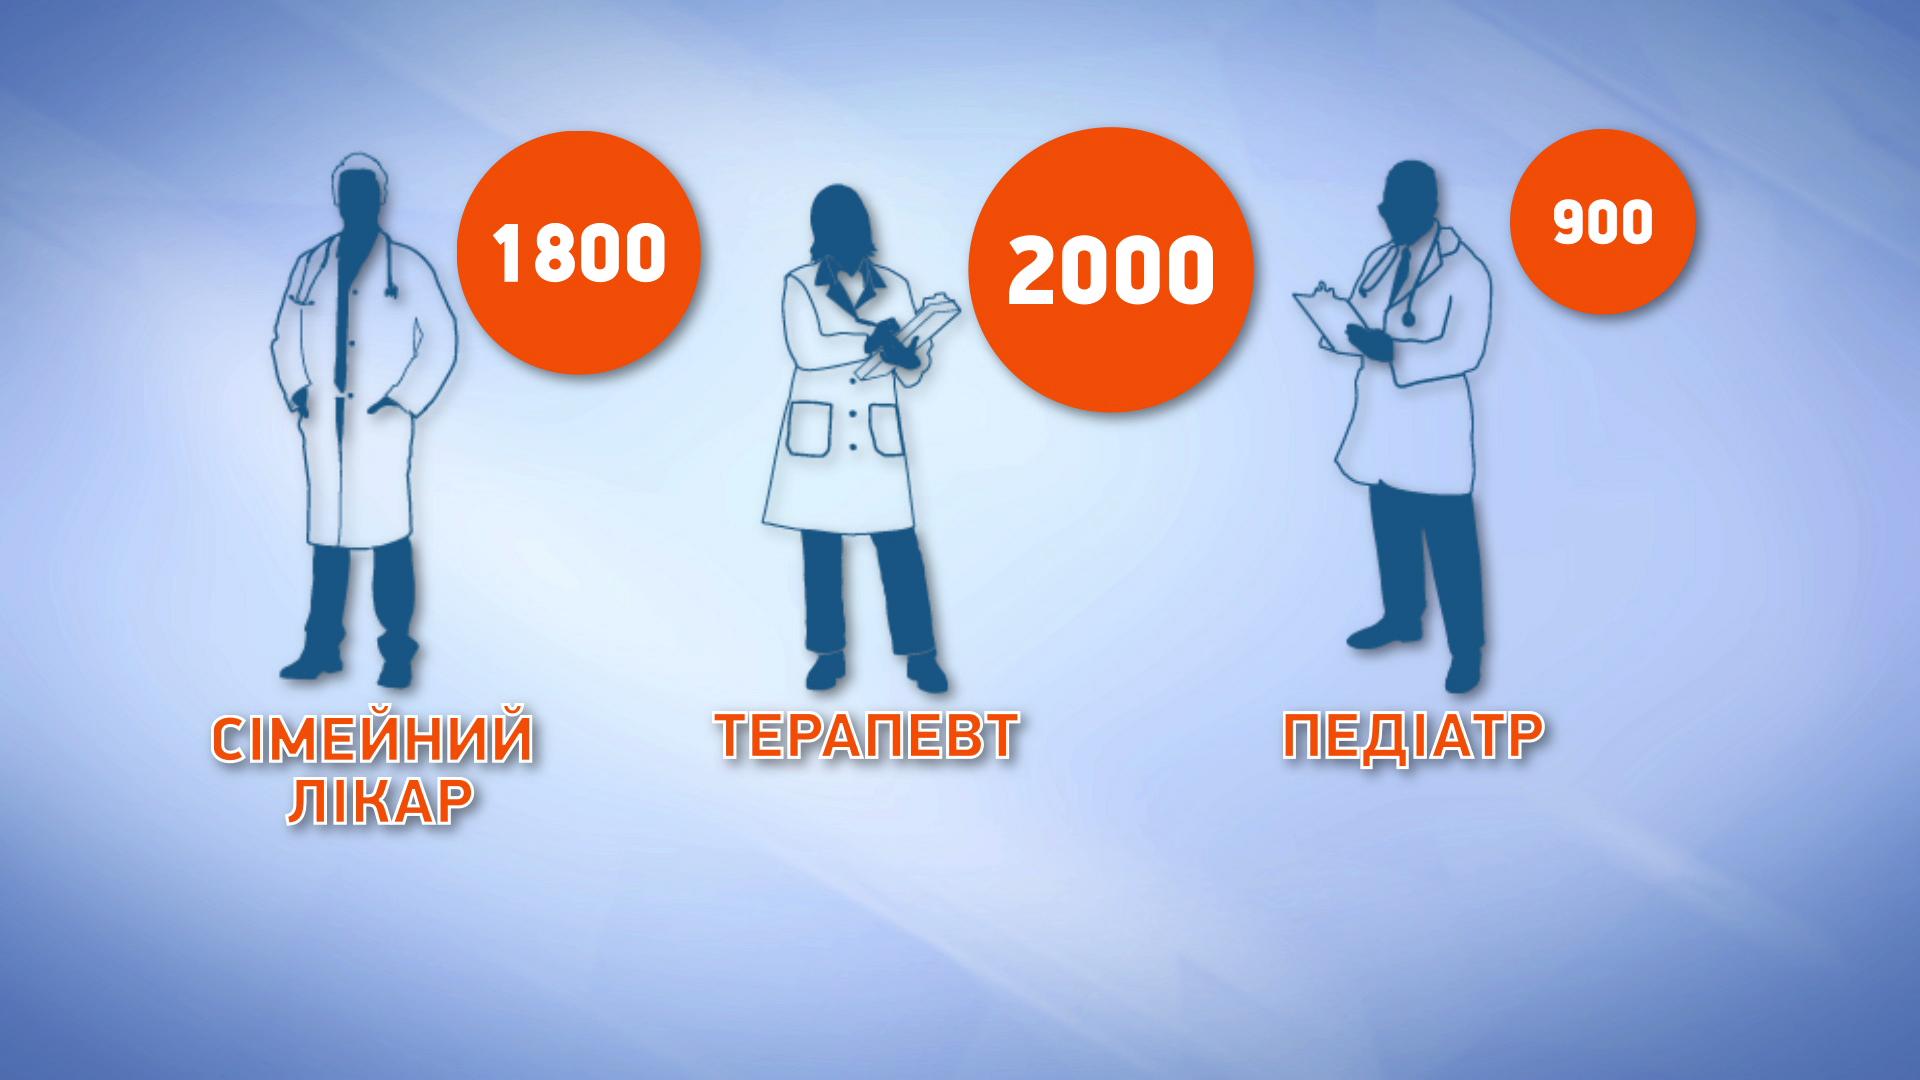 Как проходит медицинская реформа